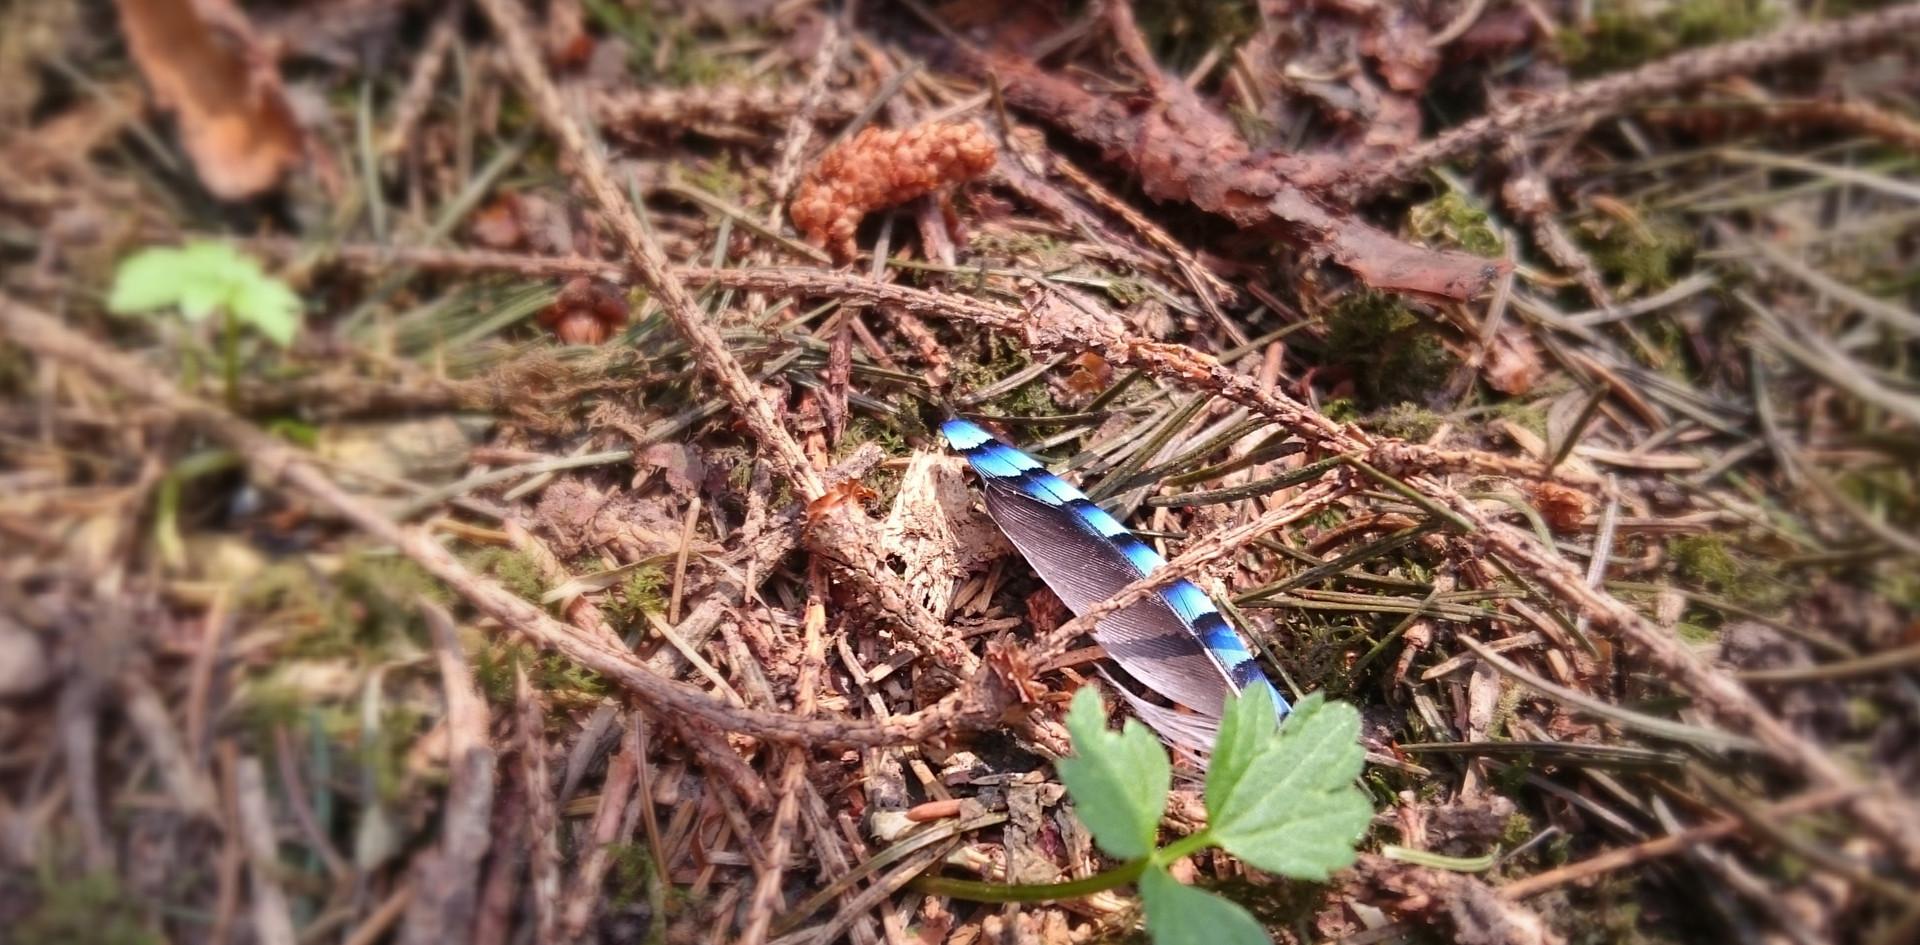 Meine erste sogenannte Glücksfeder fand ich wirklich nur durch einen Zufall. An einem sonnigen Tag schlenderte ich durch einen mir unbekannten Wald und musste einen meiner Schnürsenkel binden. In diesem Moment sah ich gut einen Meter vor mir am Waldboden diese wunderschöne Feder eines Eichelhähers. Was für ein Glück!